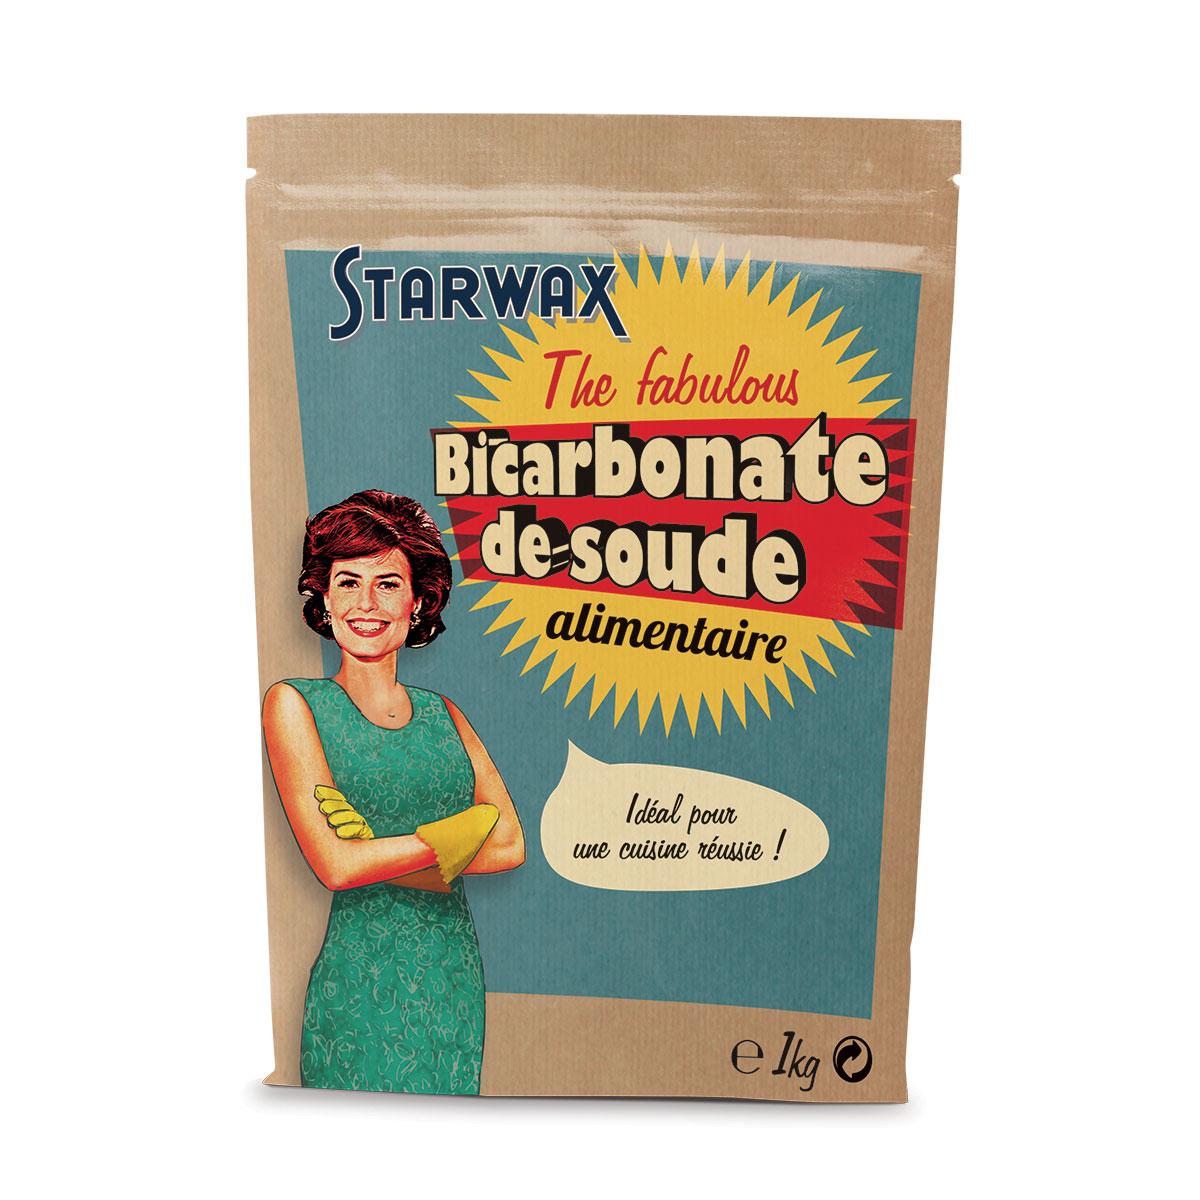 Le bicarbonate de soude de a z jemleblog - Nettoyer canape tissu bicarbonate de soude ...